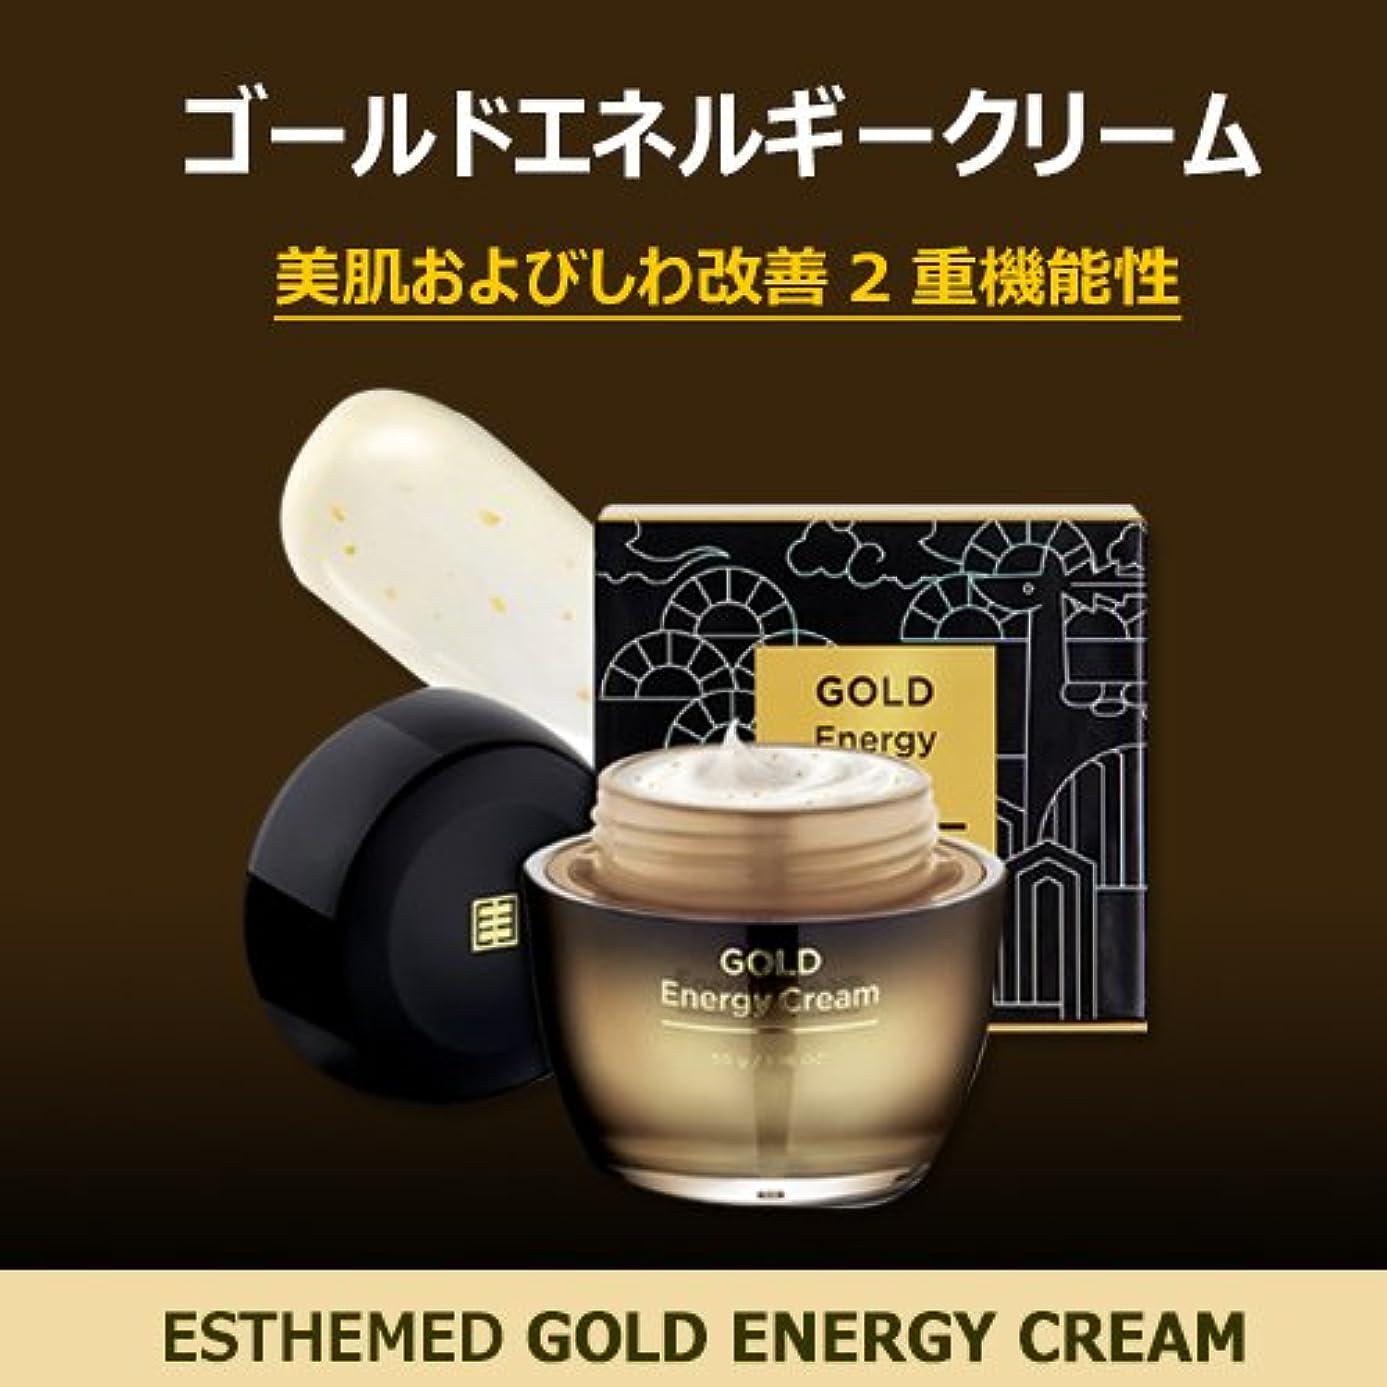 配当未来宿泊ESTHEMED エステメド ゴールド エネルギー クリーム GOLD Energy Cream 50g 【 シワ改善 美肌 保湿 回復 韓国コスメ 】